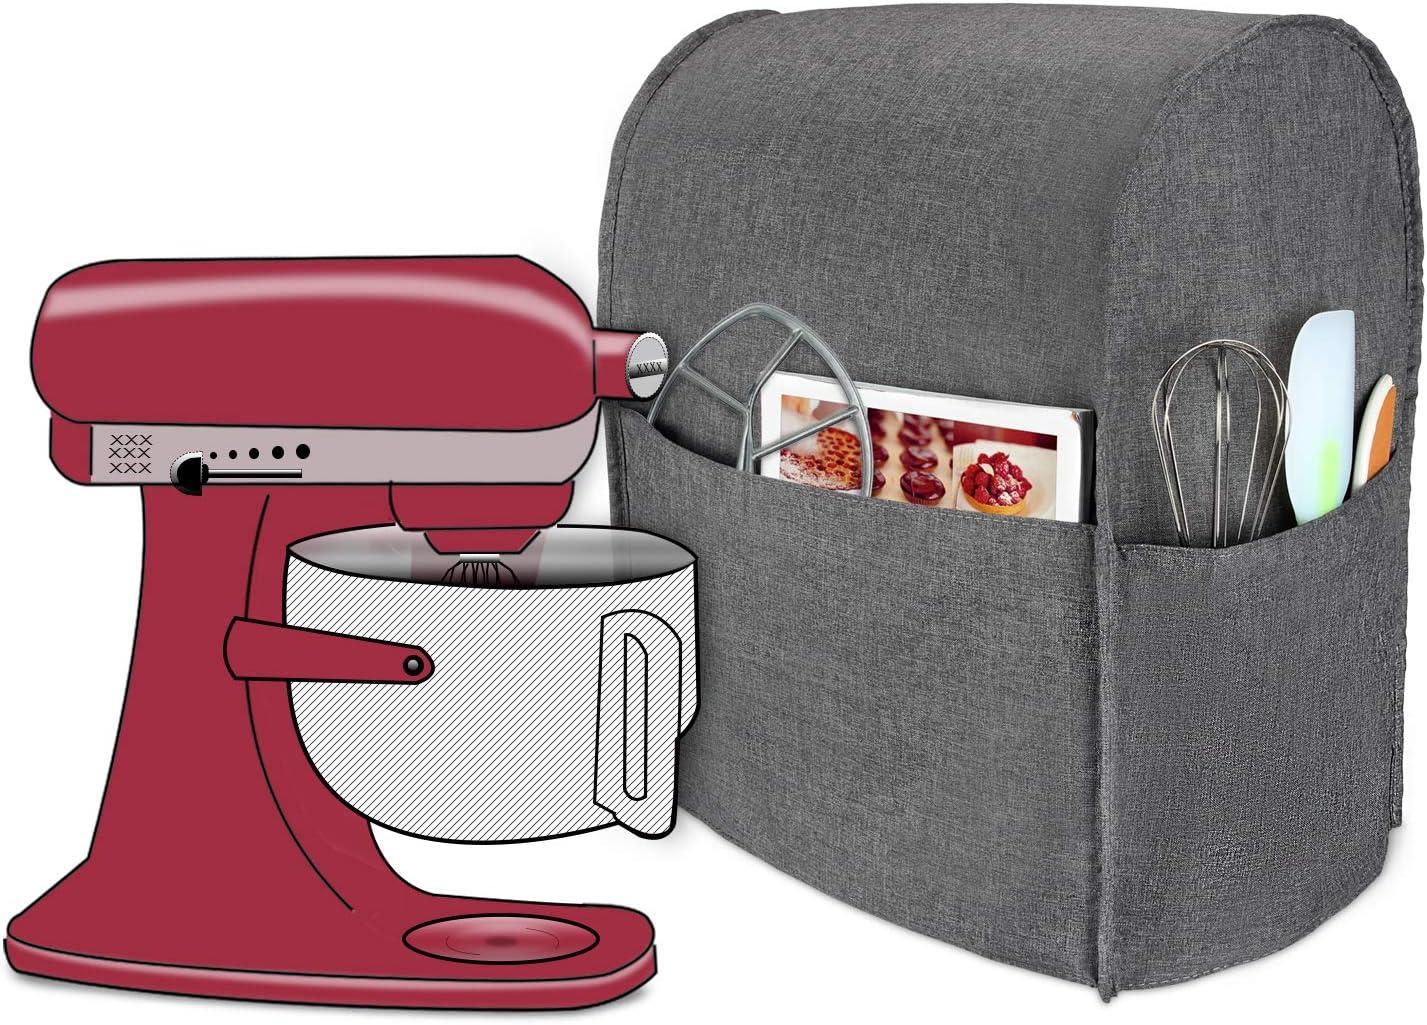 Luxja Cubierta a Prueba de Polvo para KitchenAid Batidora amasadora, (Adecuado 5,6-7,5 litros KitchenAid Batidora amasadora), Gris